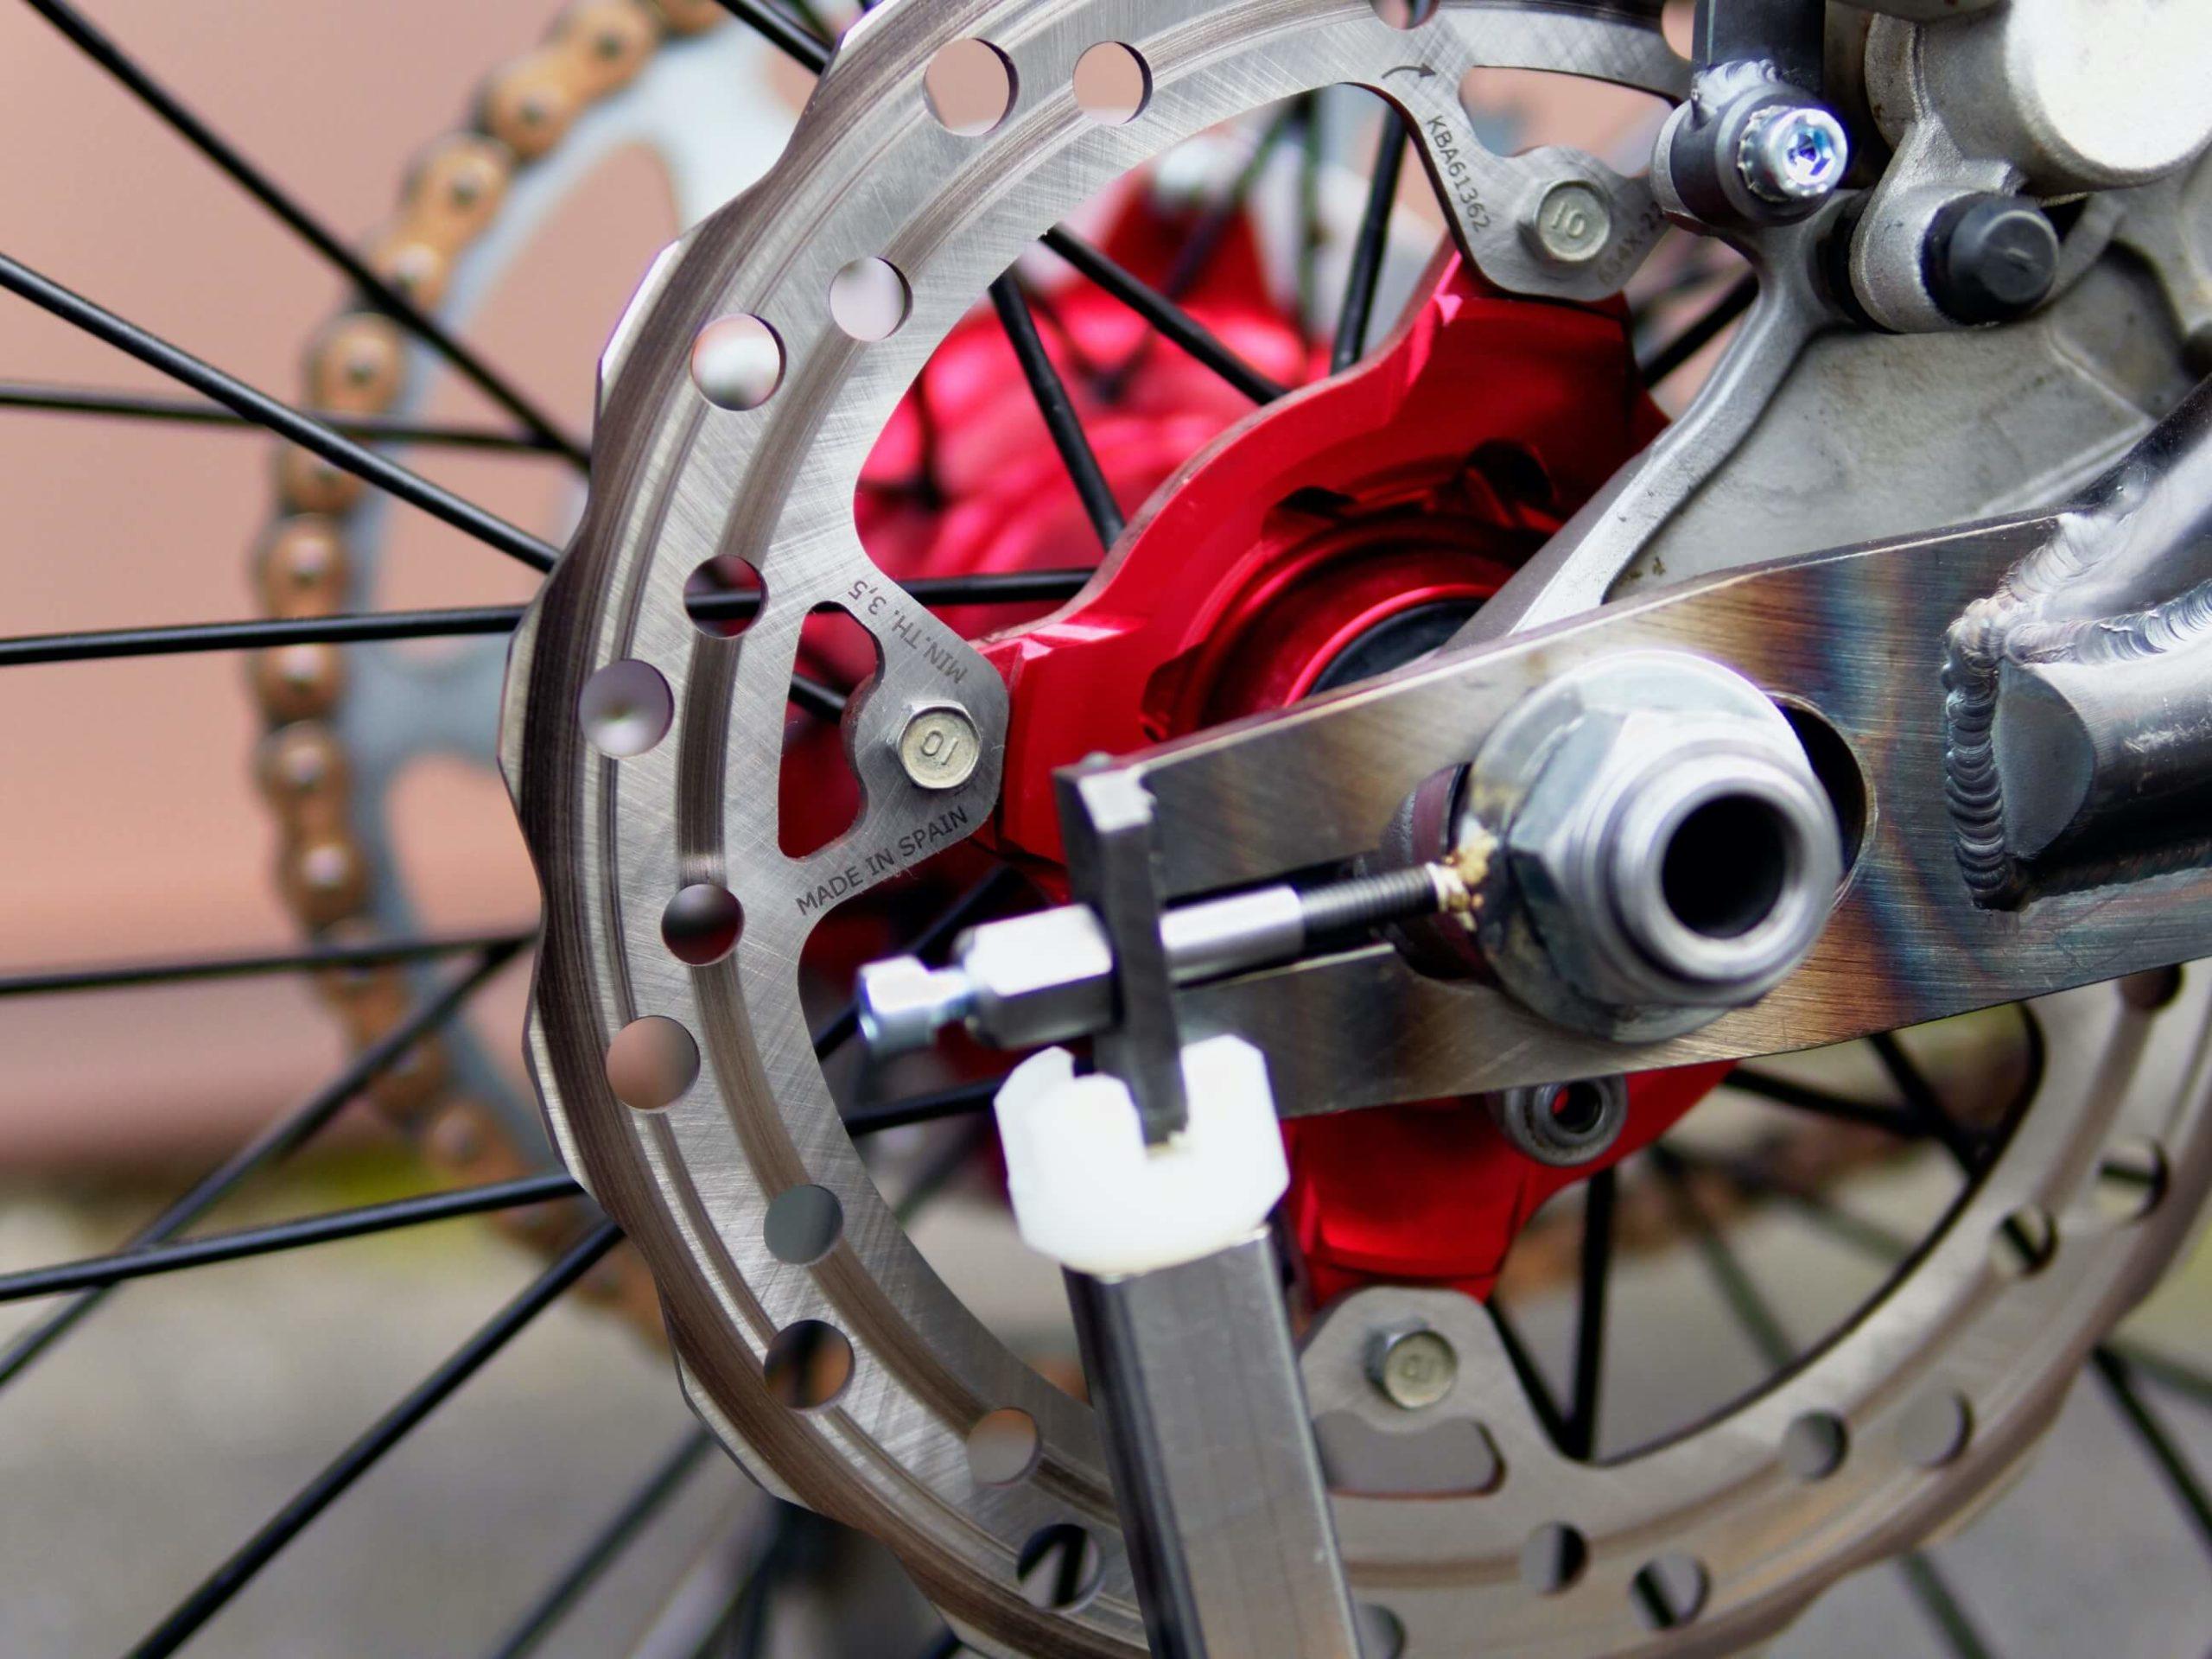 Yamaha MT07 MT-07 flat track